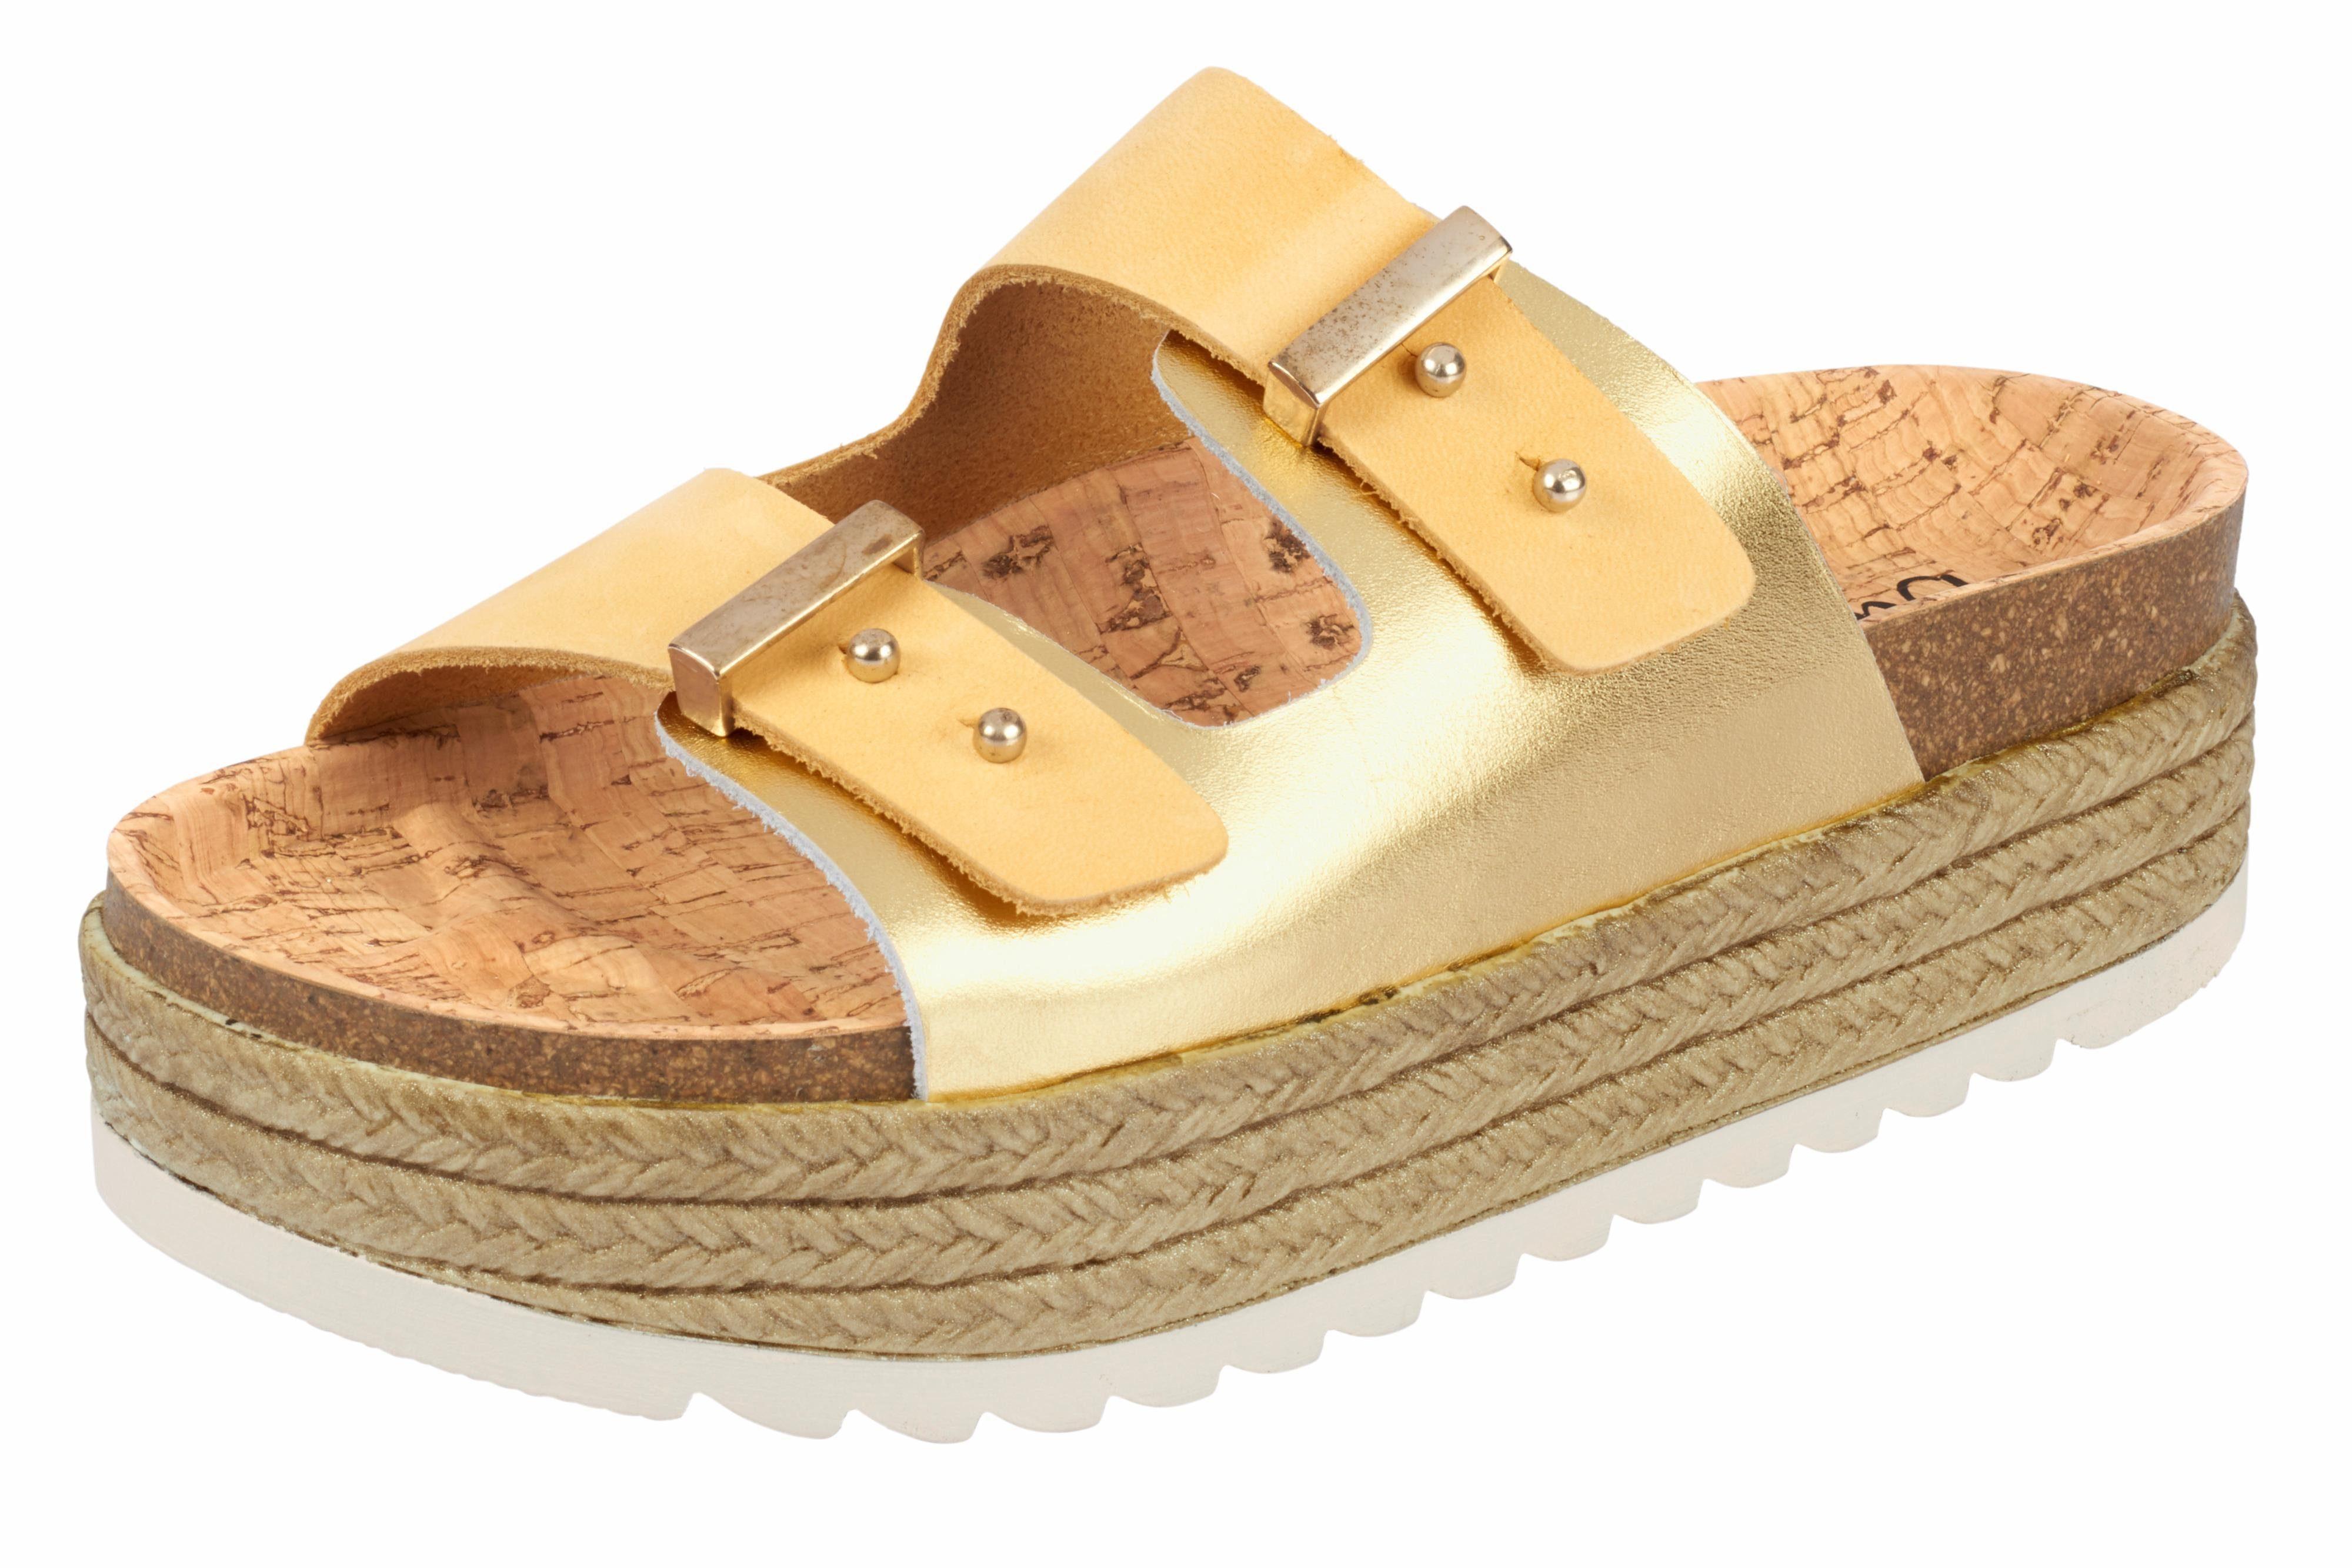 BIOSTEP Pantolette mit Kork-Fußbett online kaufen  goldfarben